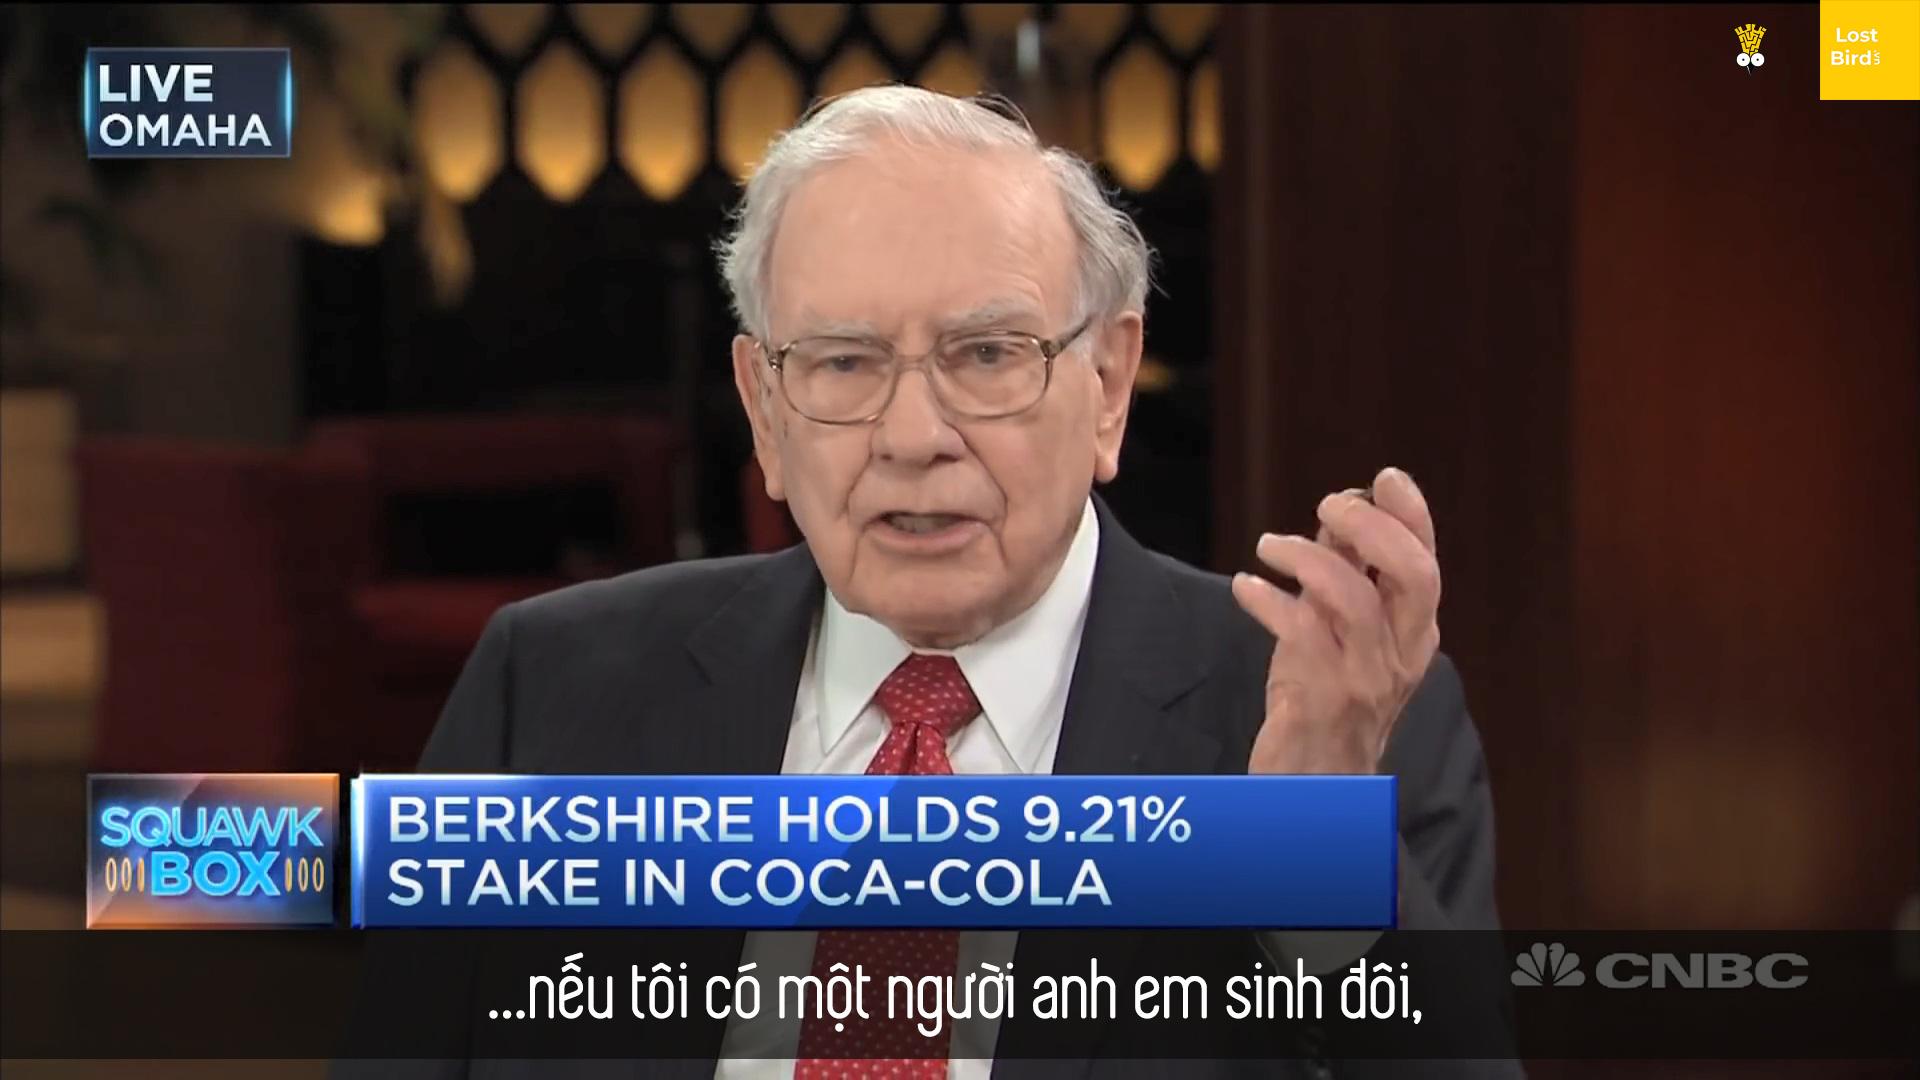 Bí kíp sống lâu của tỷ phú Warren Buffett: Sương sương 5 lon coca mỗi ngày chứ mấy!